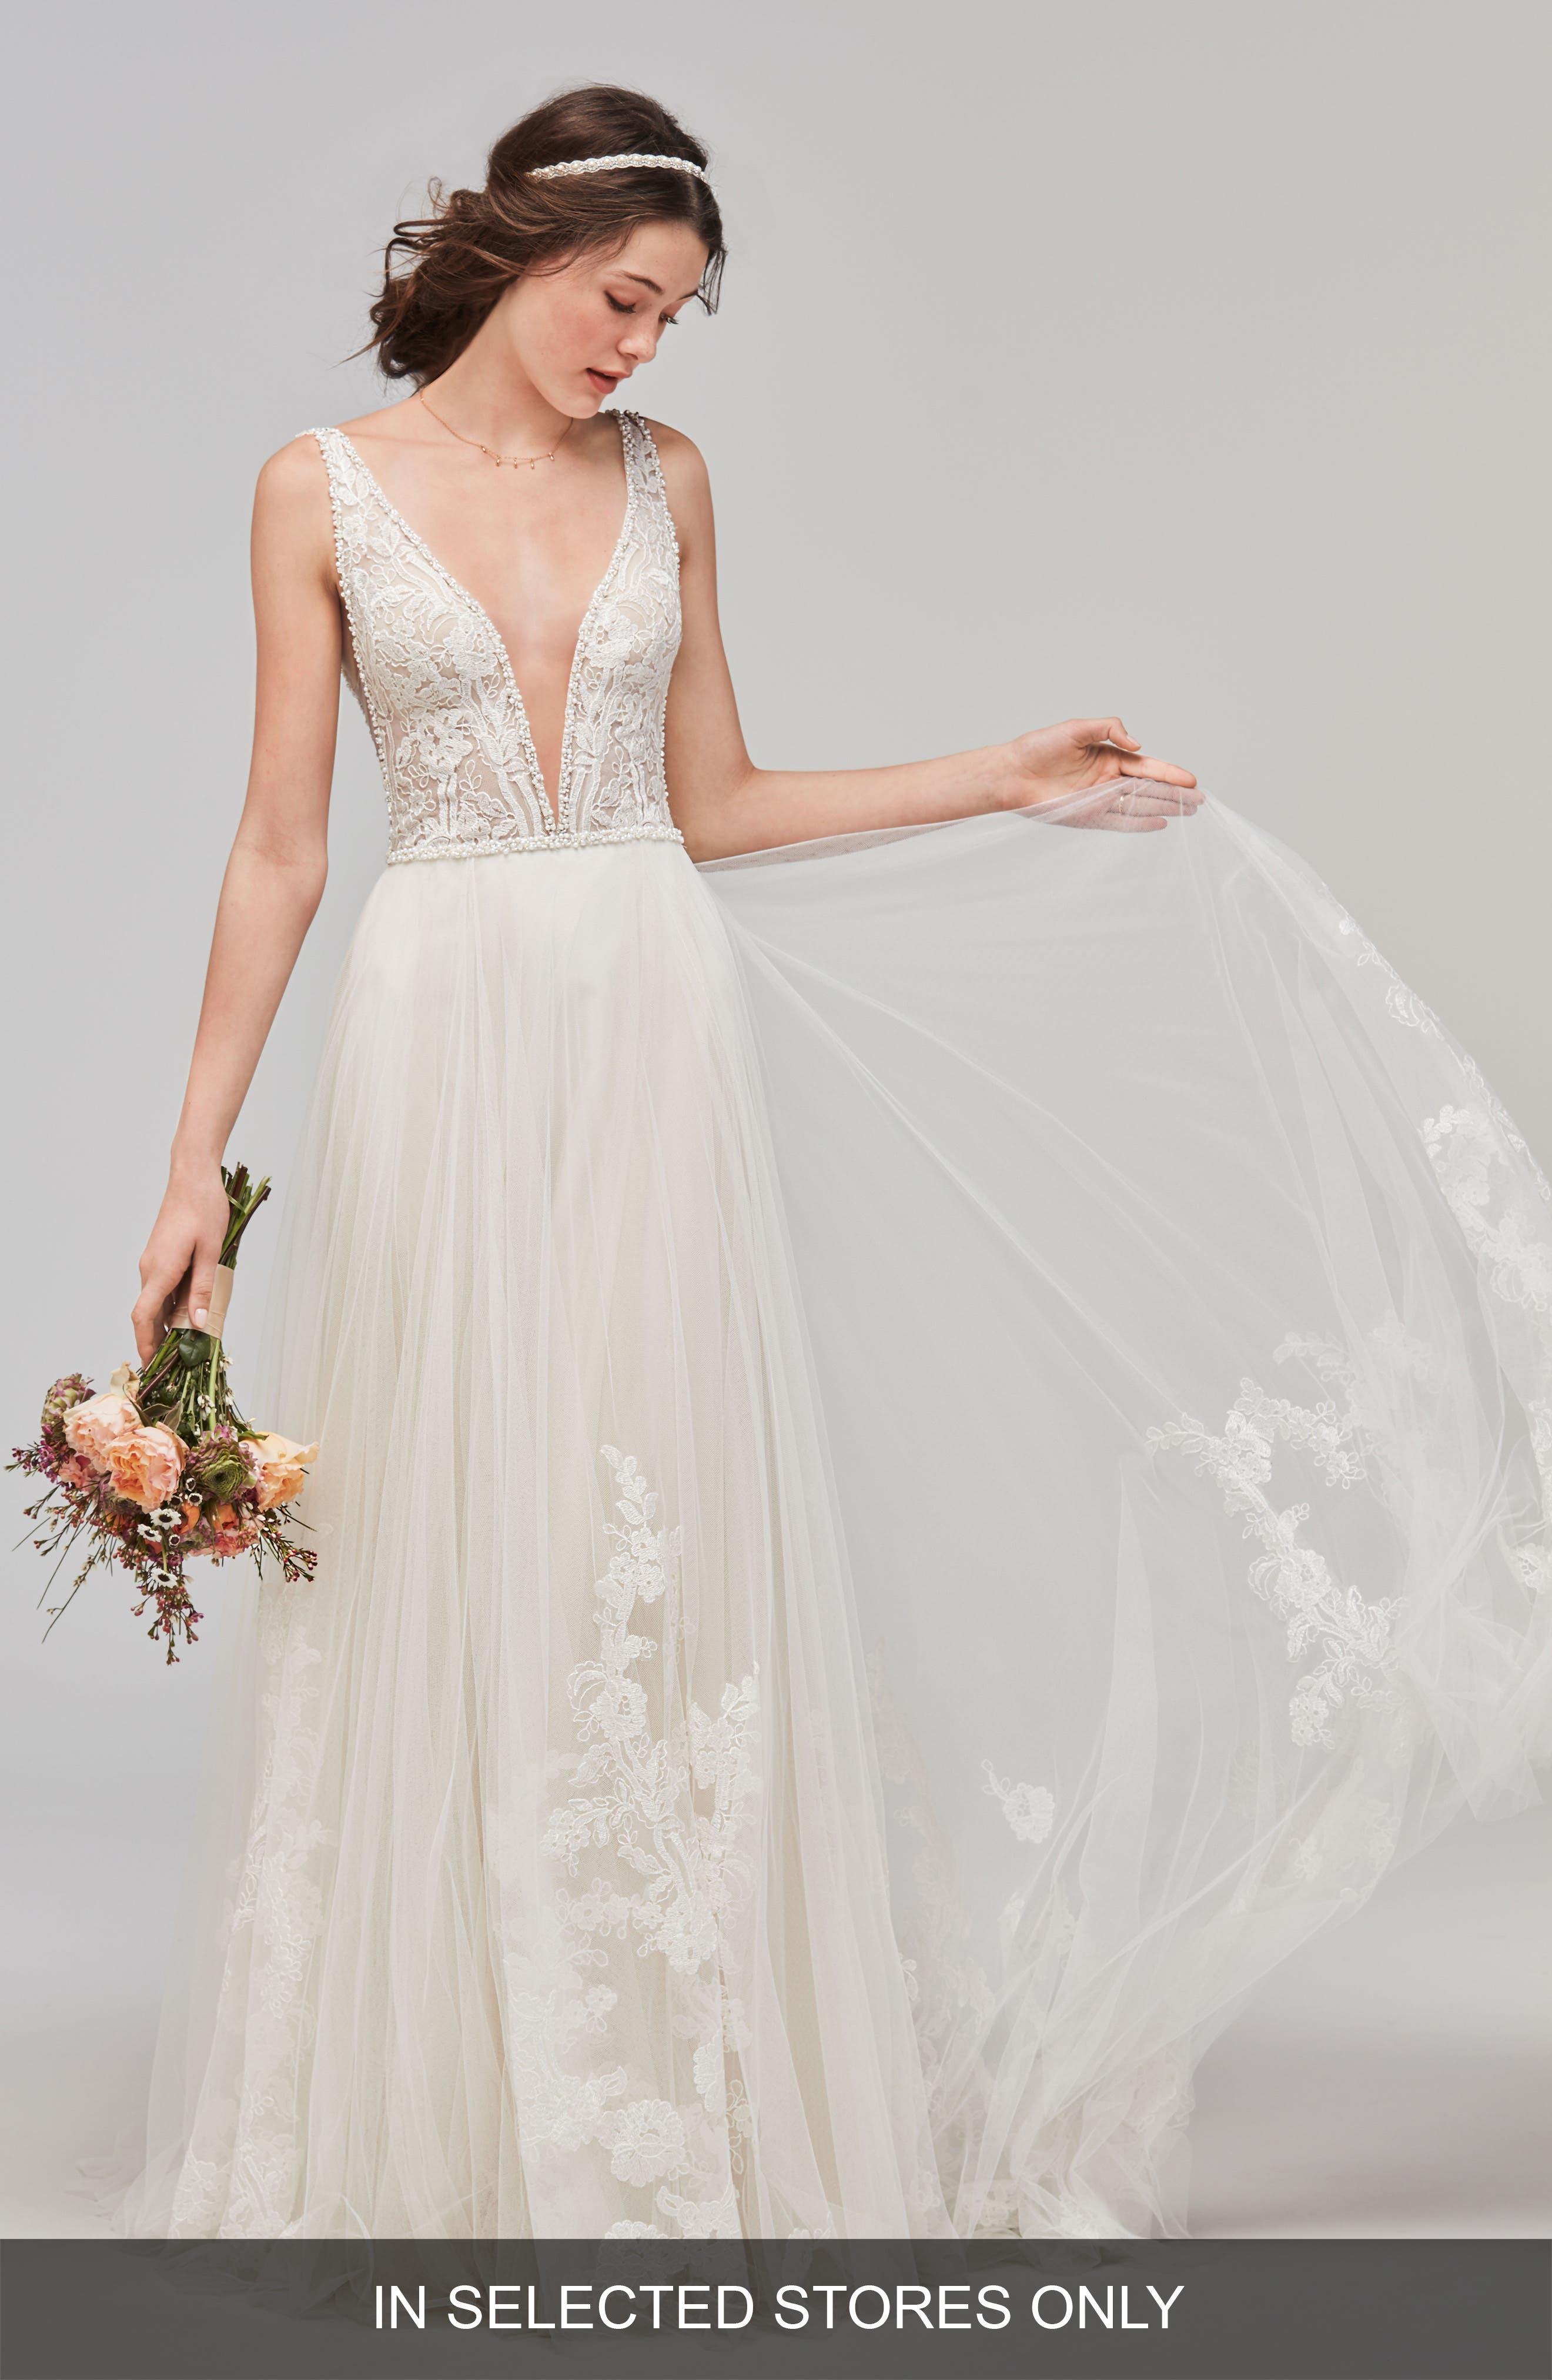 Nordstrom Rack Wedding Dresses Best Wedding Dresses Images On ...